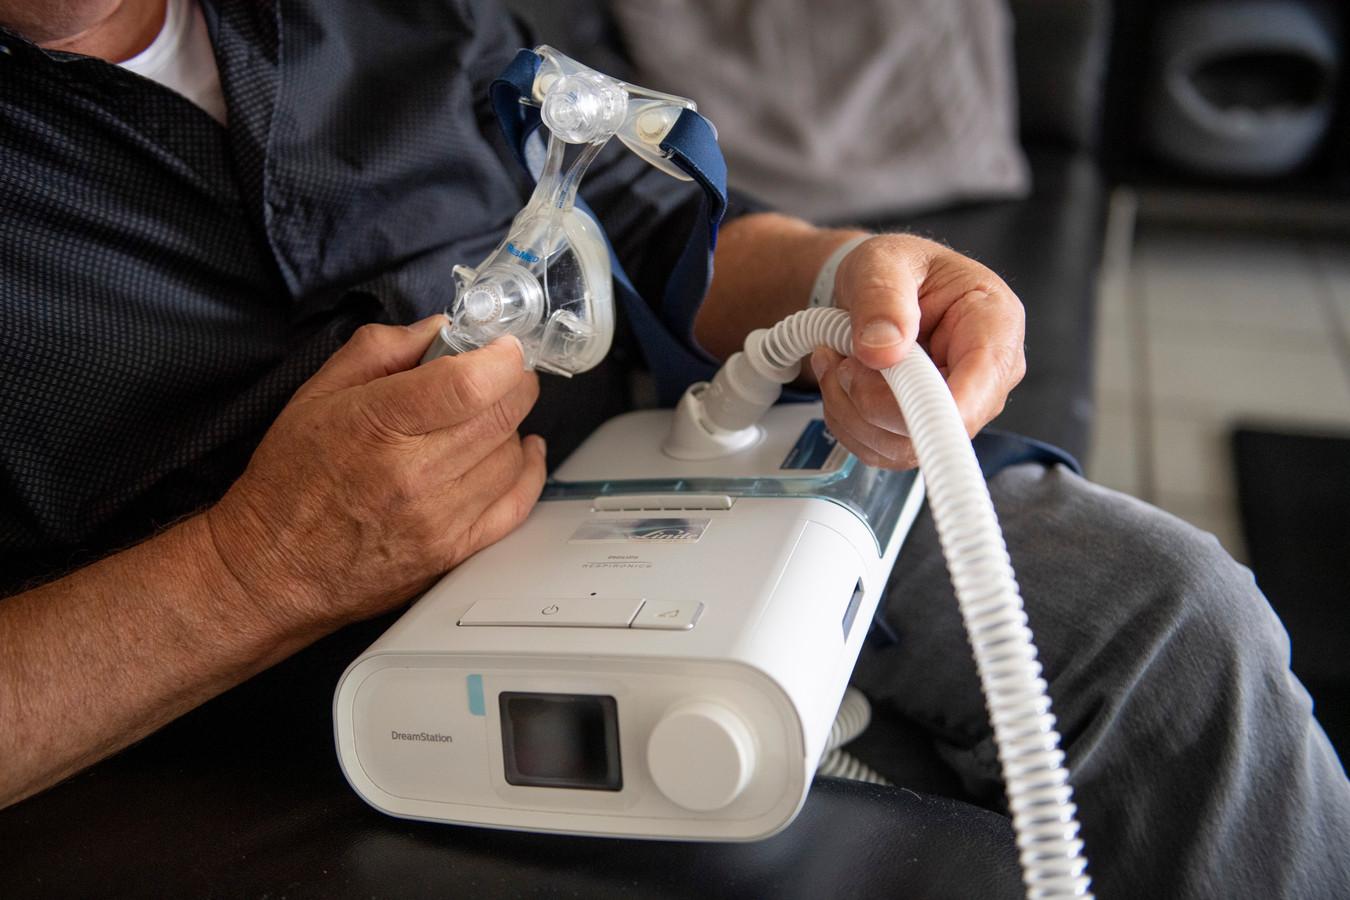 Wim Meijer laat zijn slaapmasker zien. Zonder kan hij niet, want zijn ademhaling stokt zeker 45 keer per uur als hij slaapt.